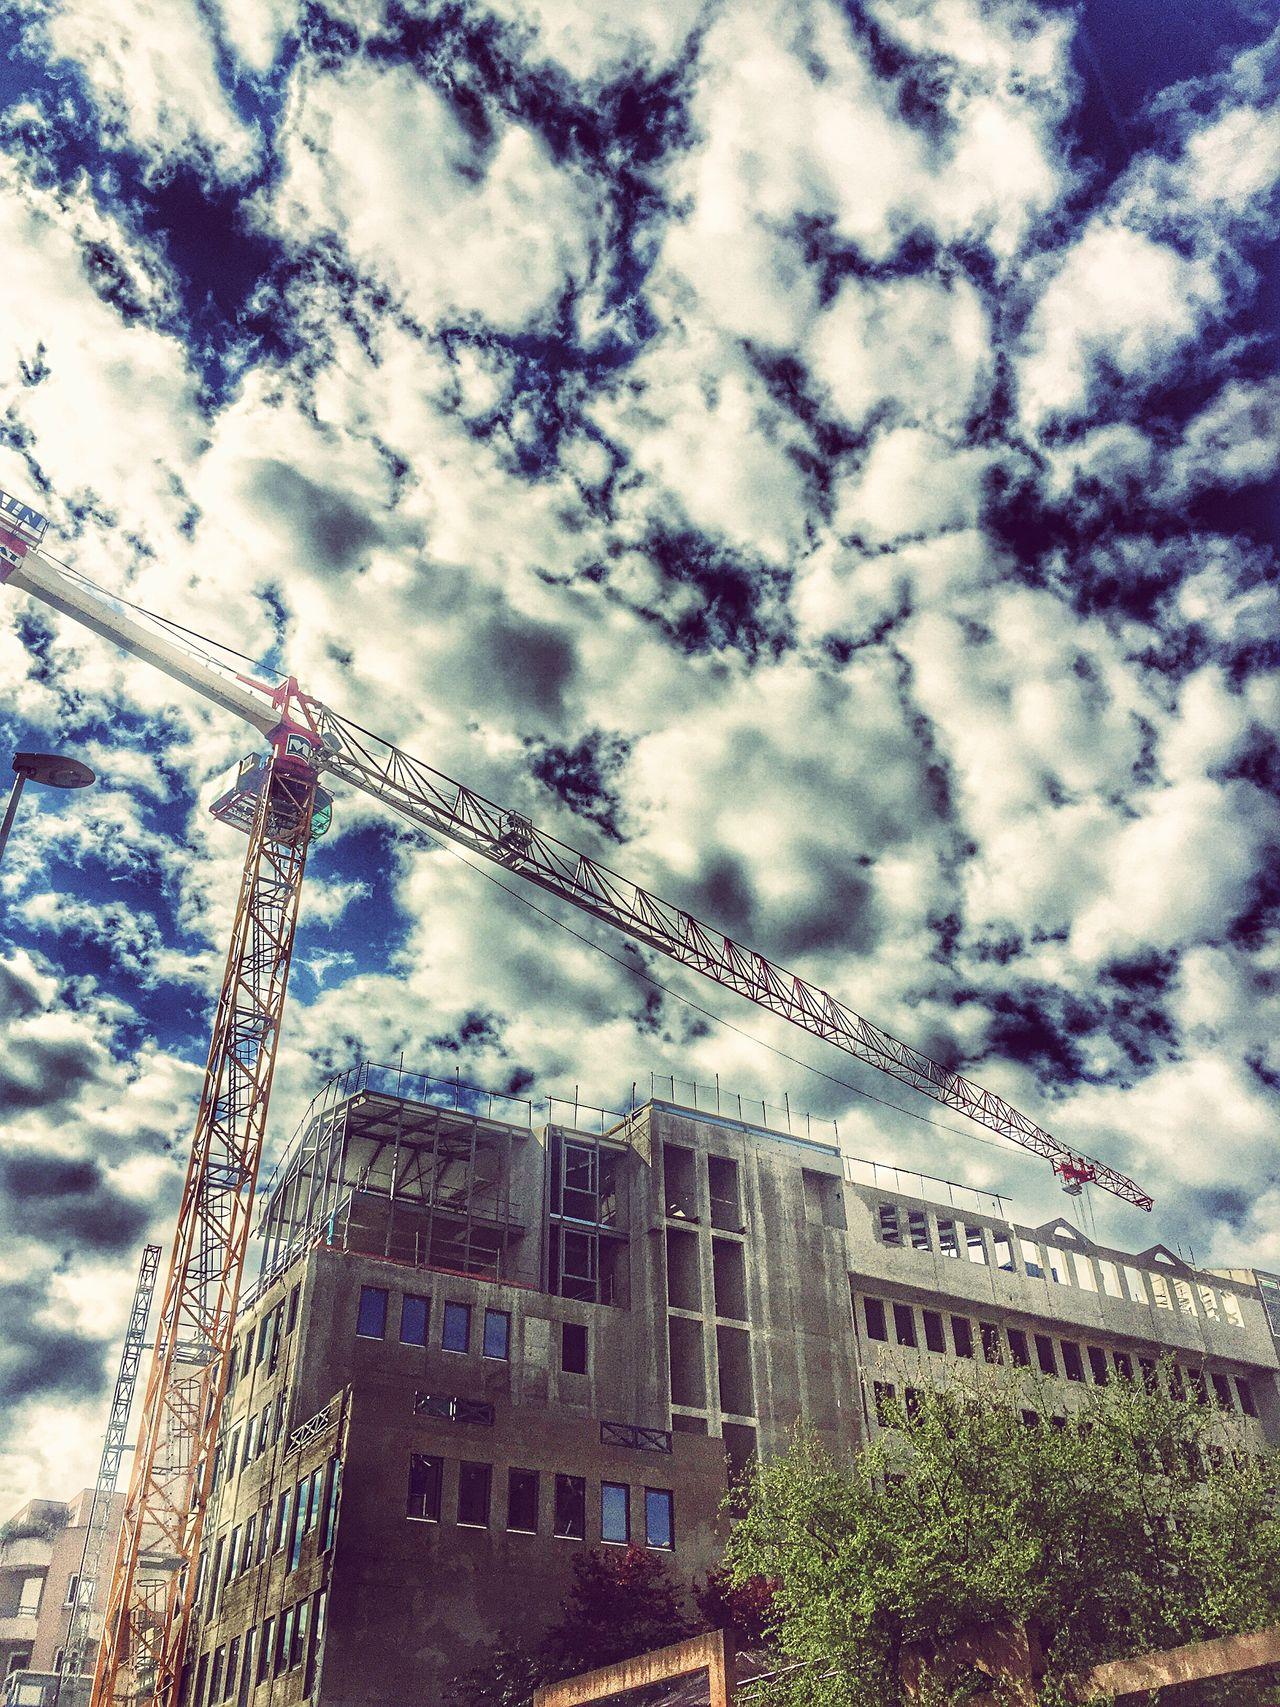 Construction Construction Site Construction Worker French Lyon Part Dieu District